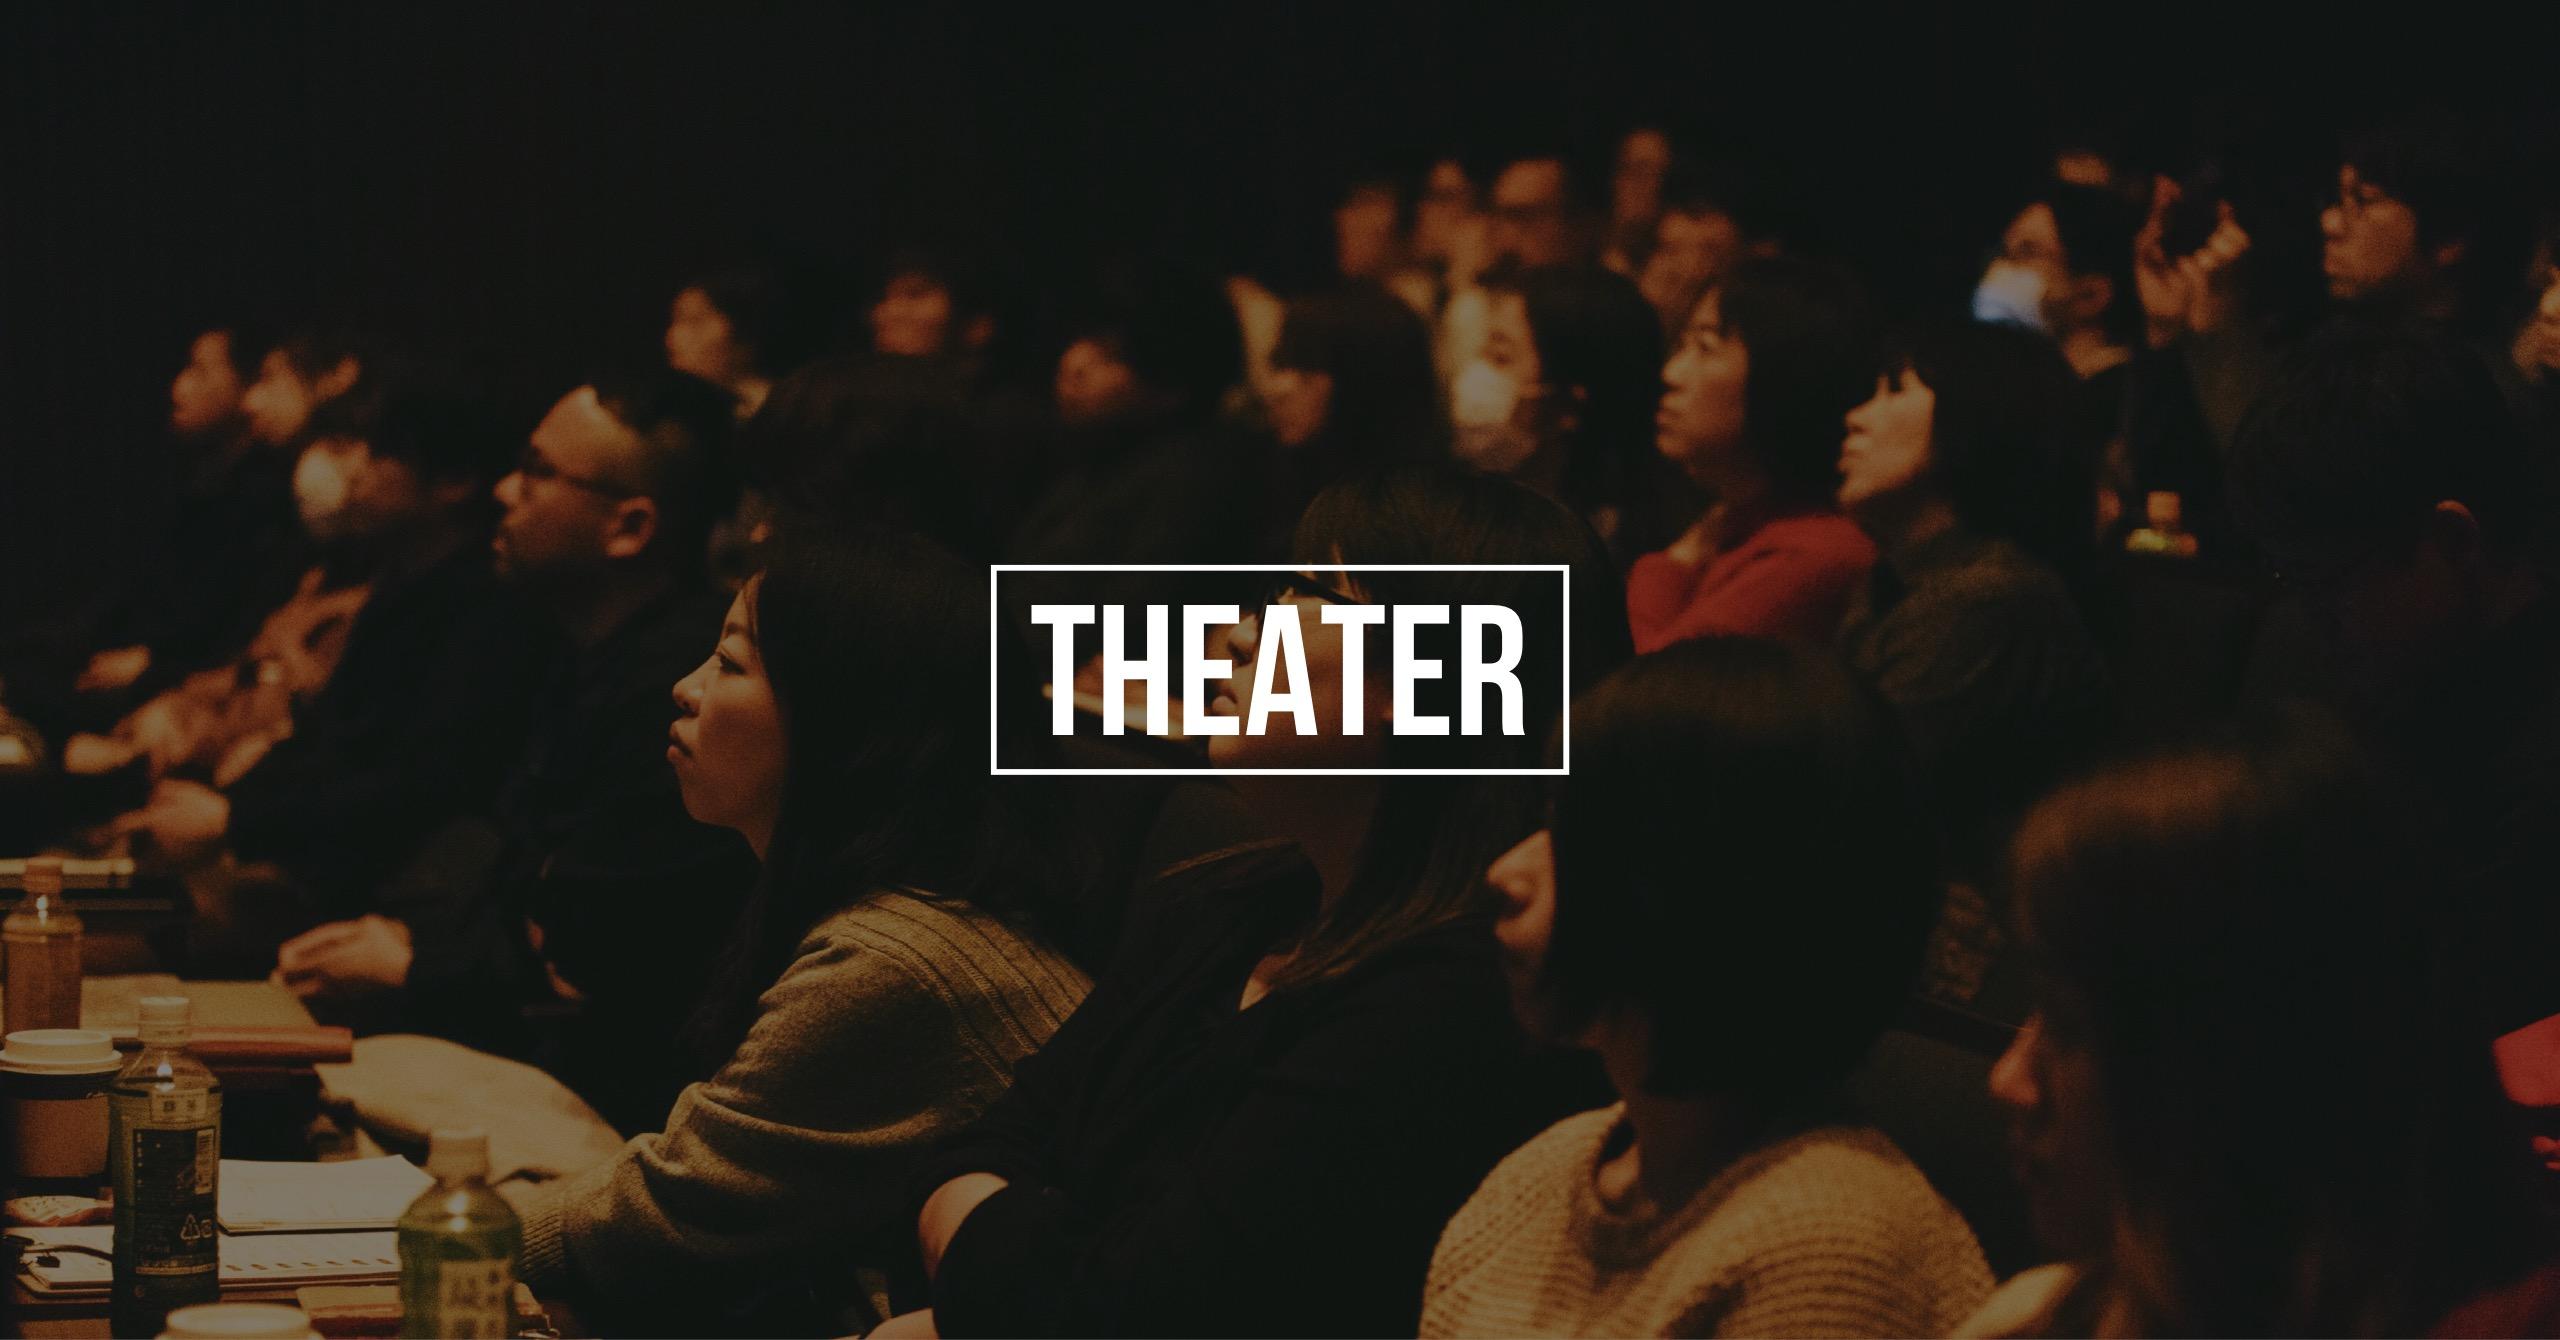 スクリーン「Theater」